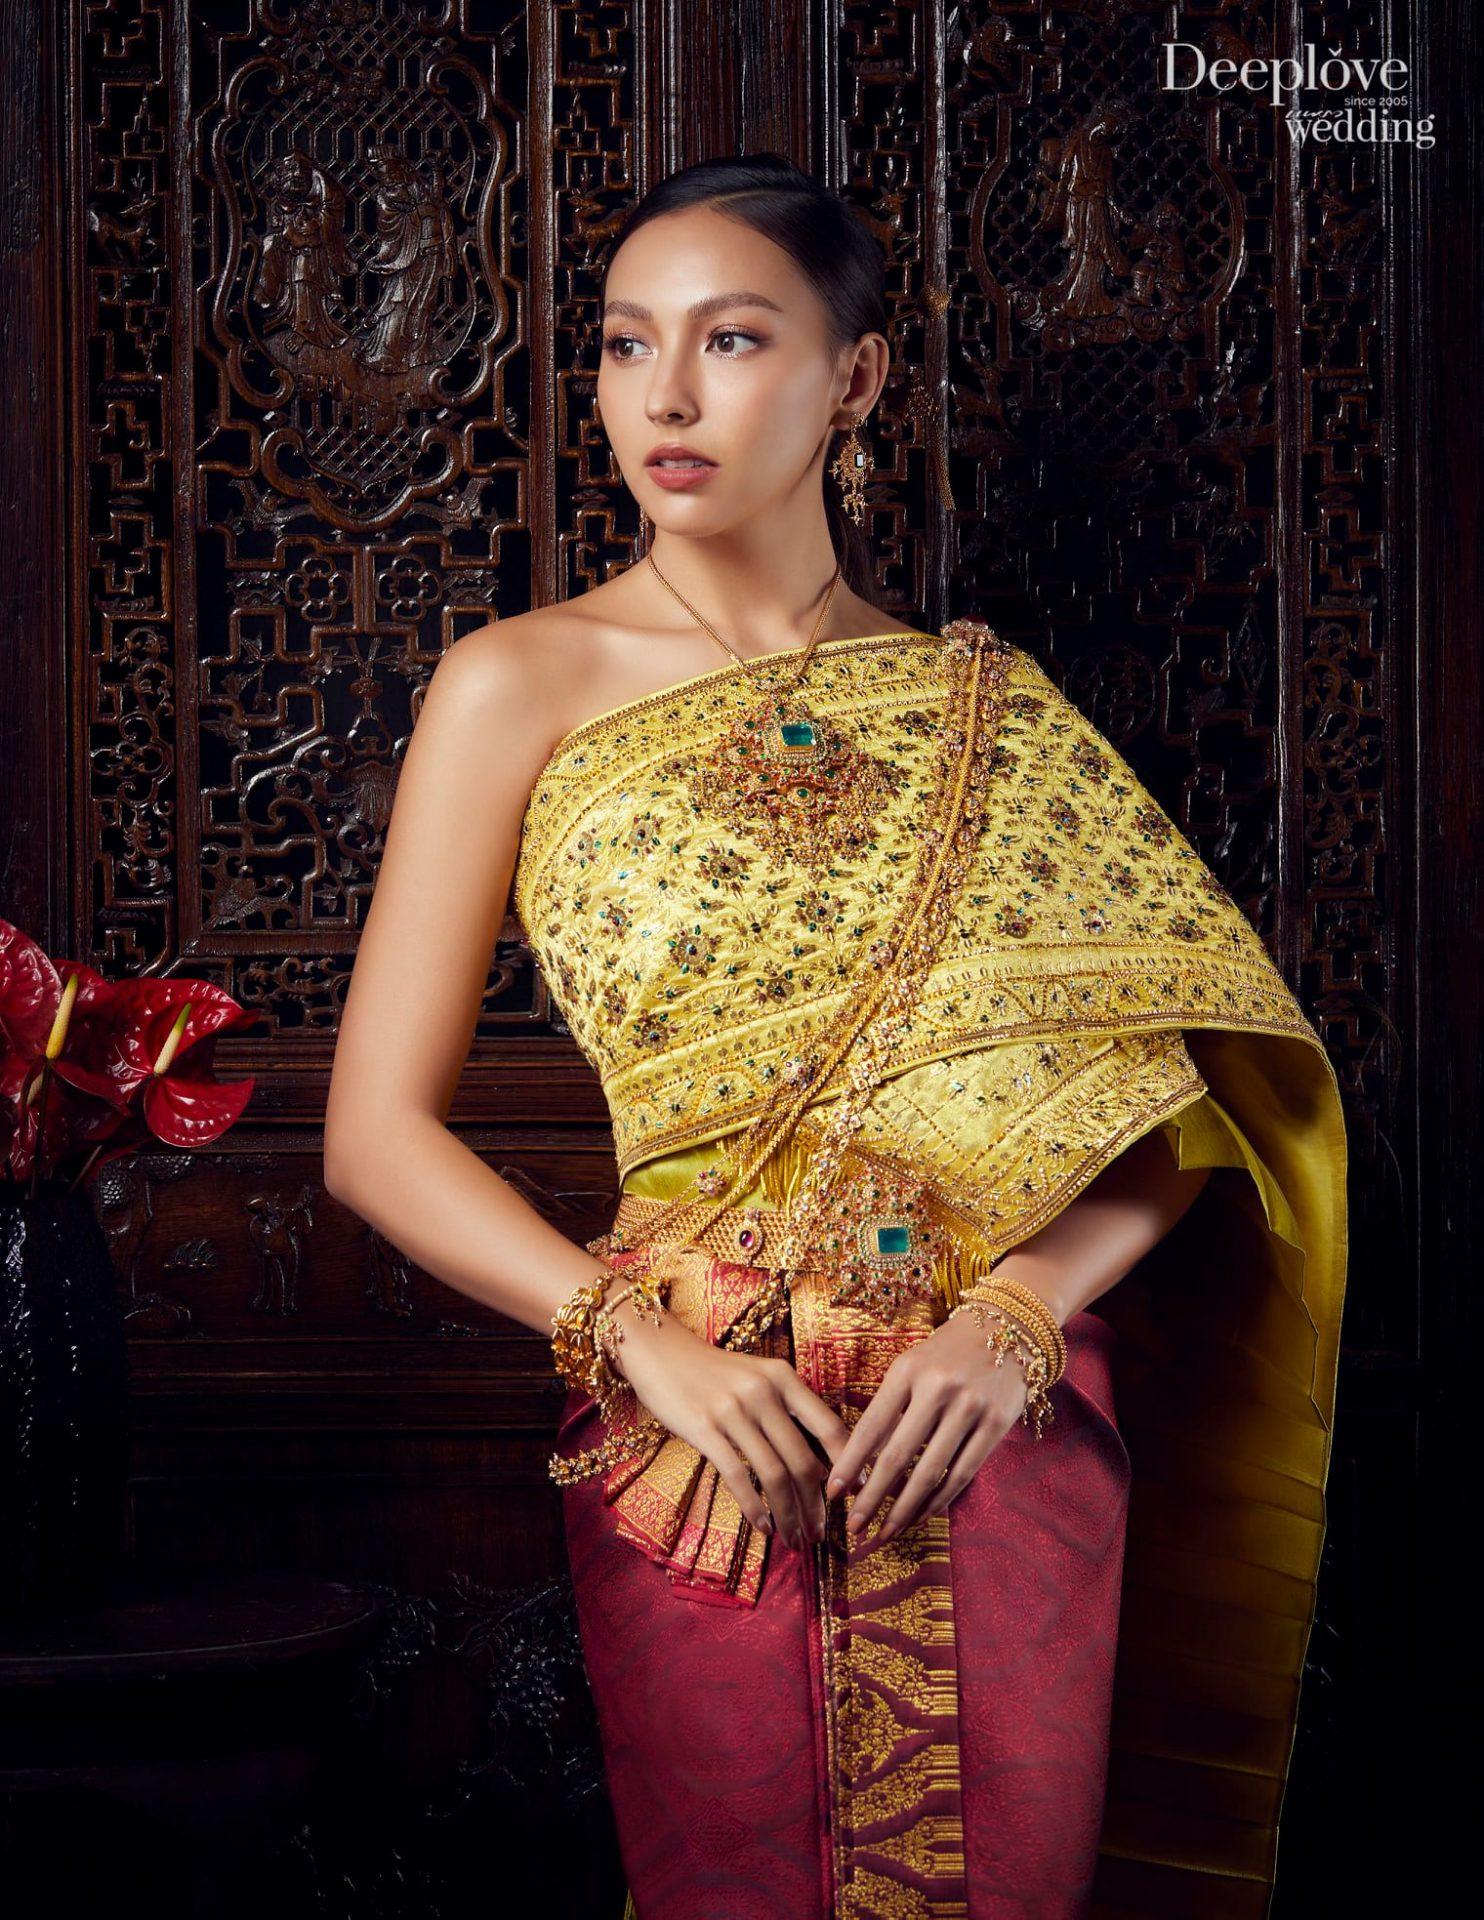 Deeplove Wedding ผู้นำด้านชุดไทยประยุกต์ ของเมืองไทย